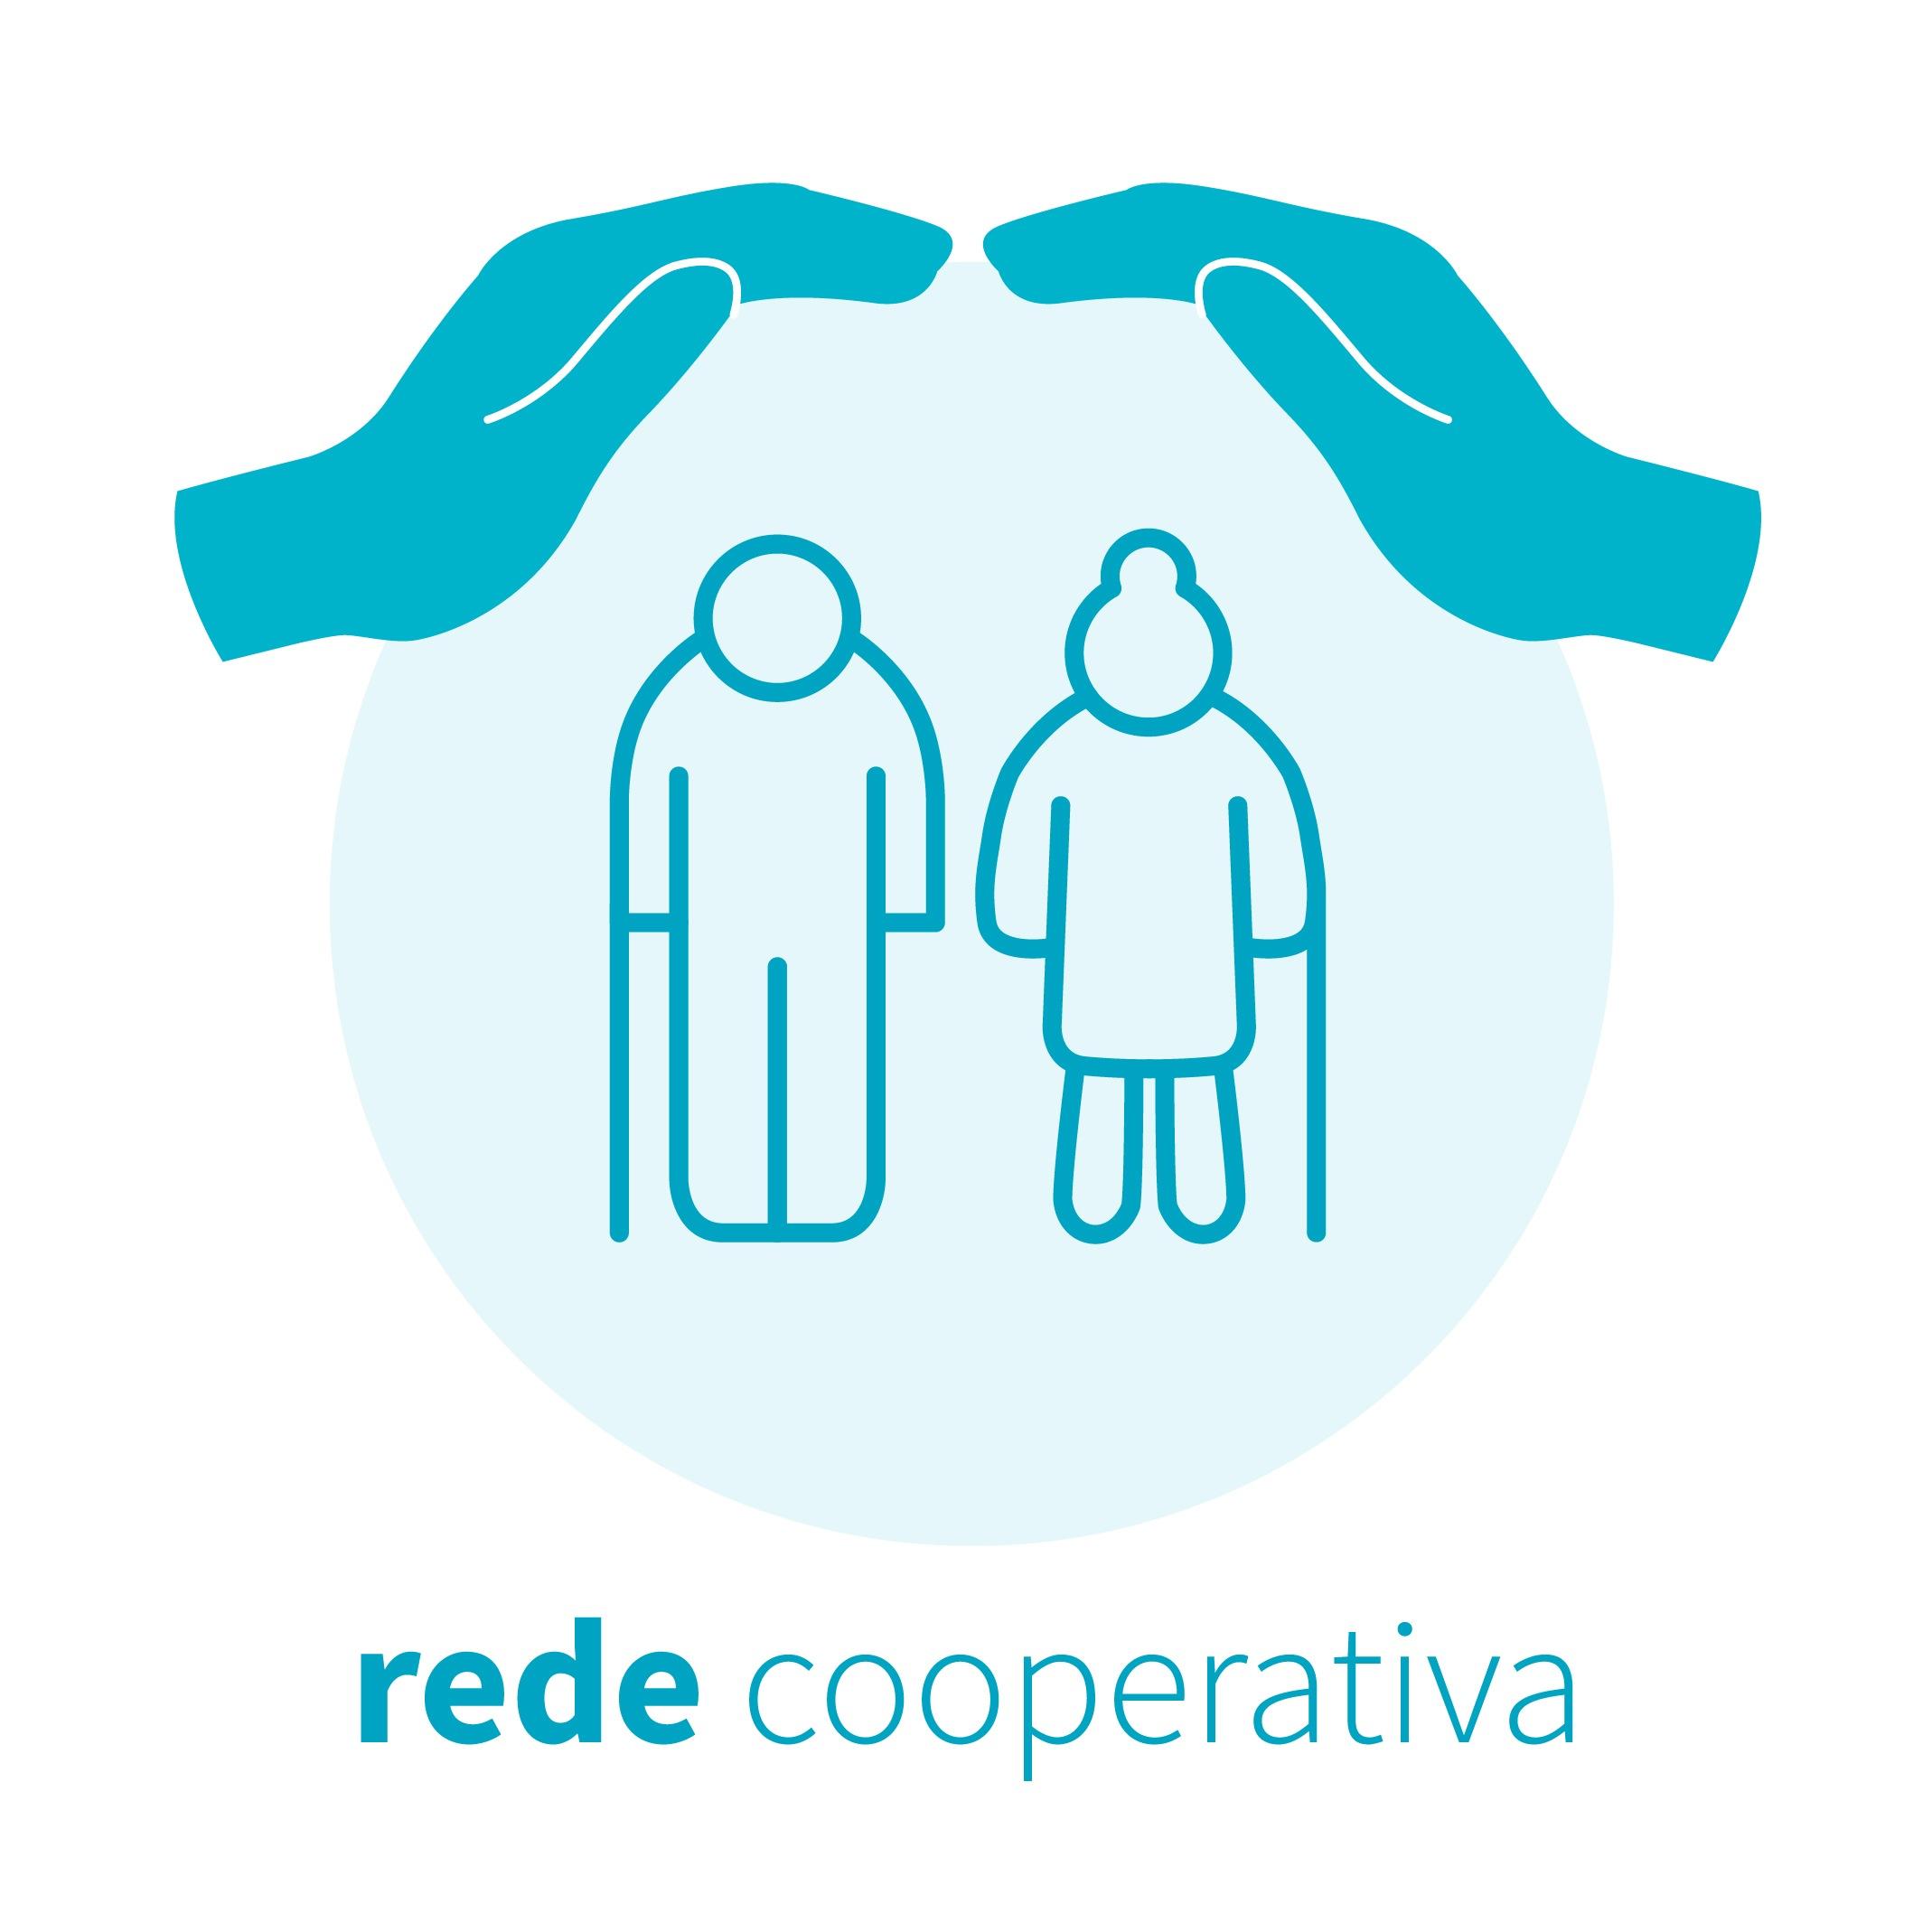 Rede Cooperativa